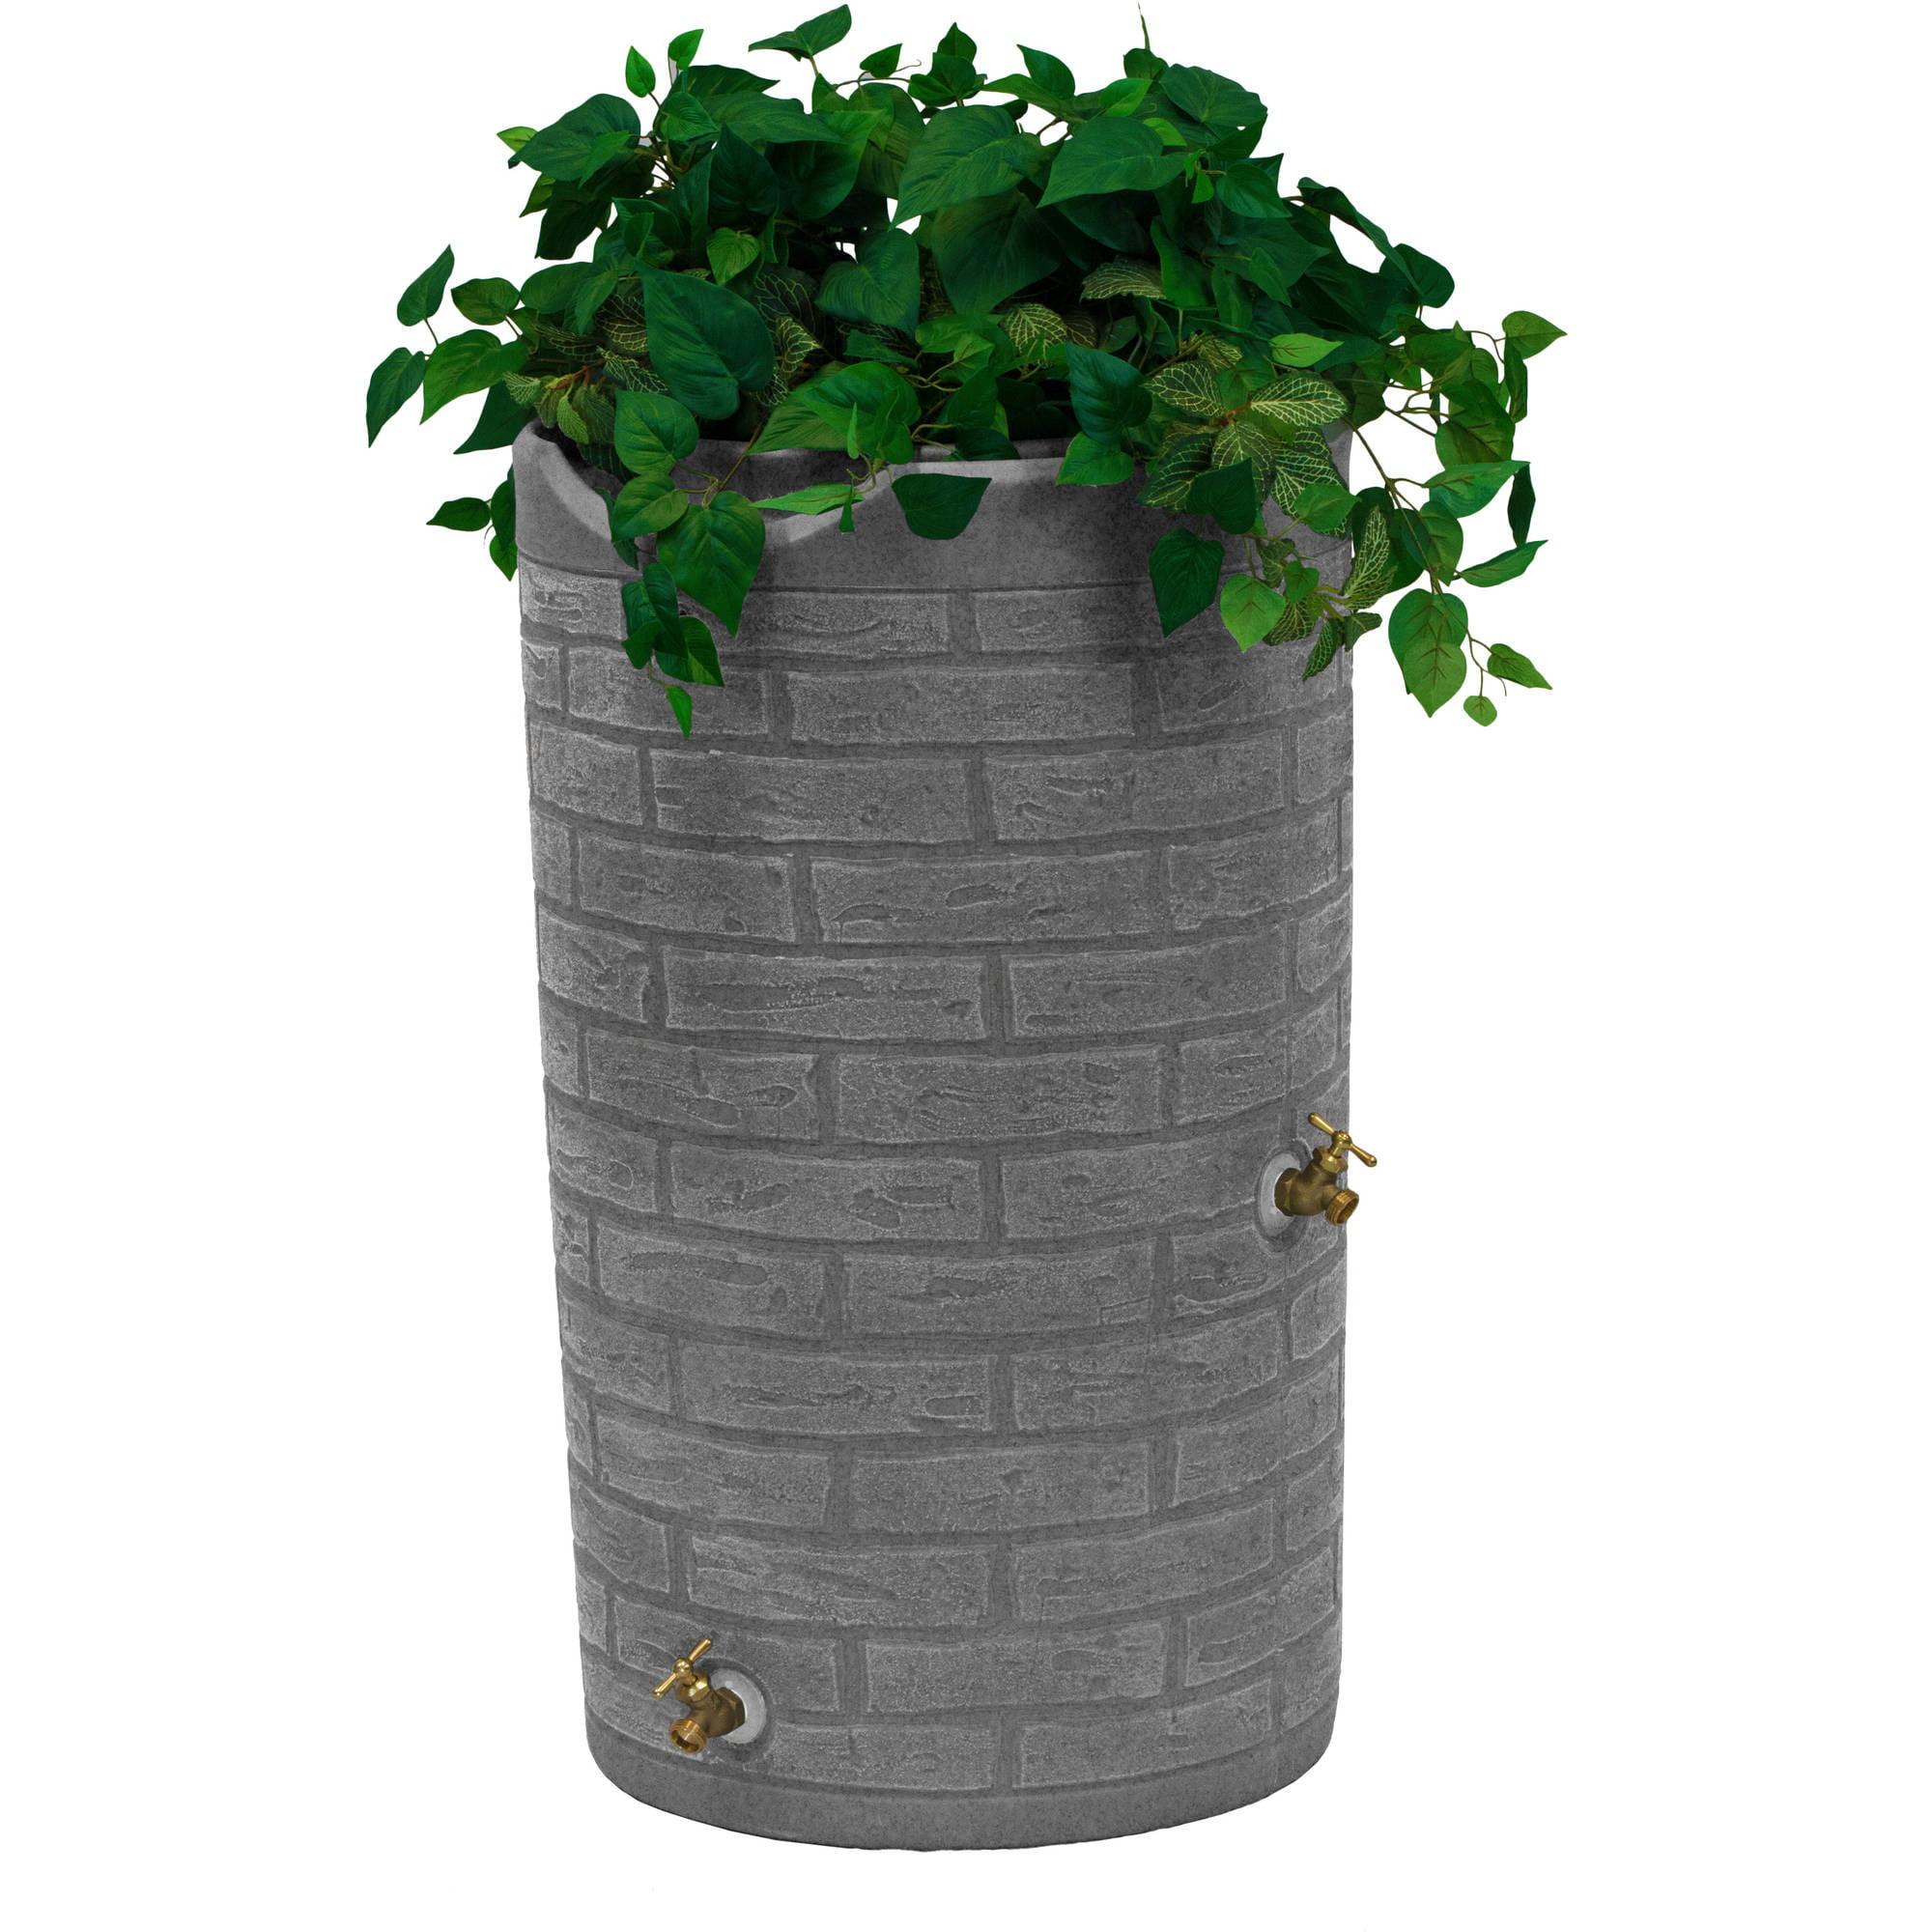 Impressions Downton 50-Gallon Rain Saver, Light Granite